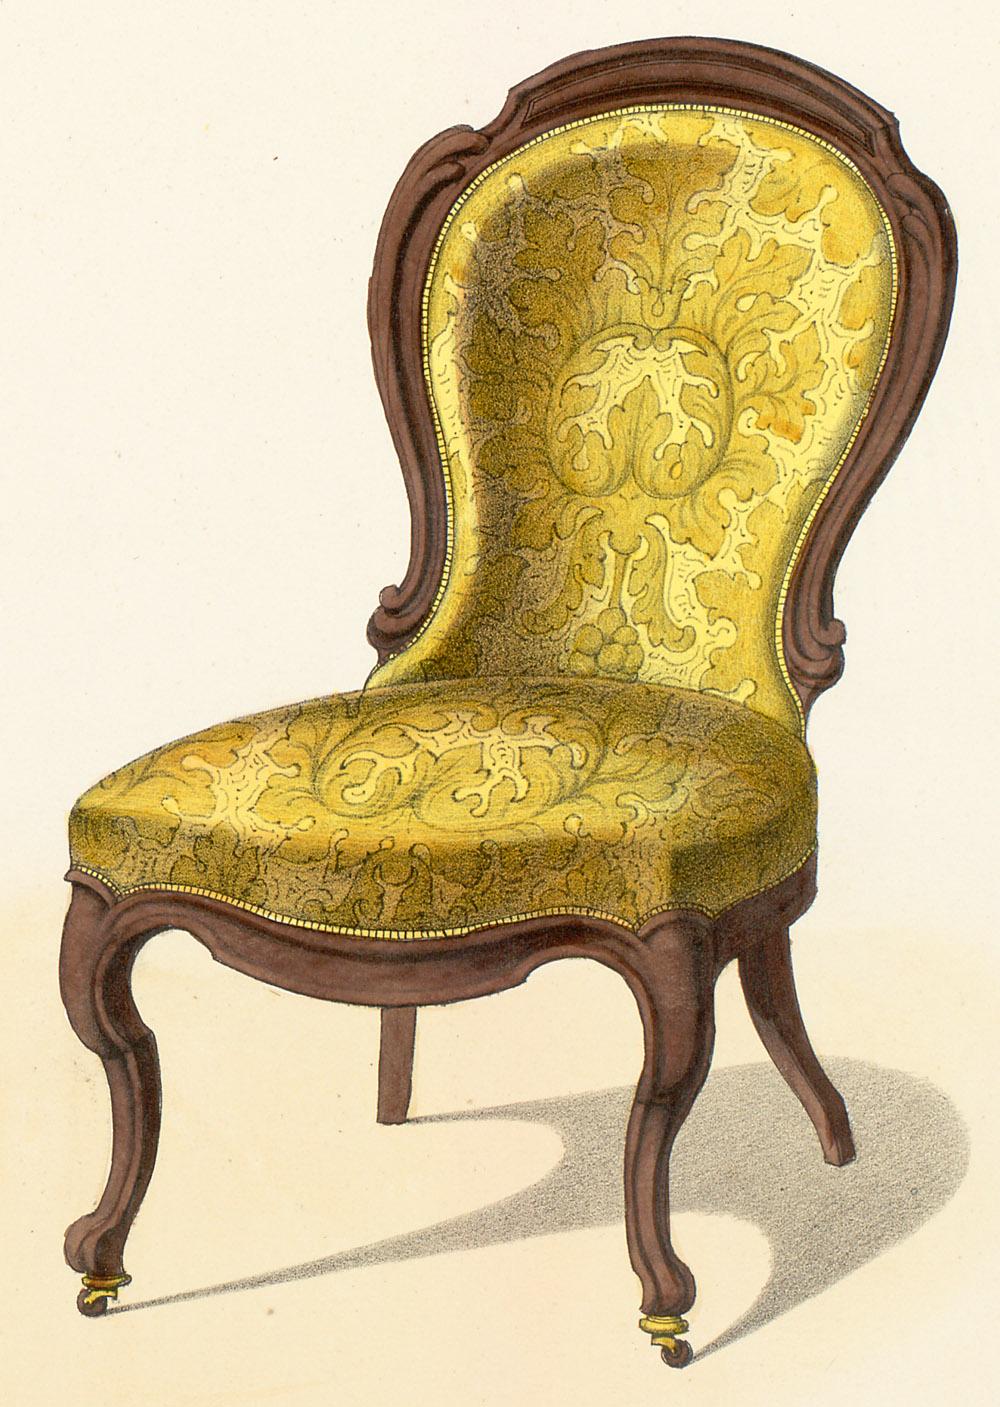 [Ссылка на оригинальное изображение](http://www.sil.si.edu/DigitalCollections/Art-Design/garde-meuble/images/c/sil12-2-449c.jpg)